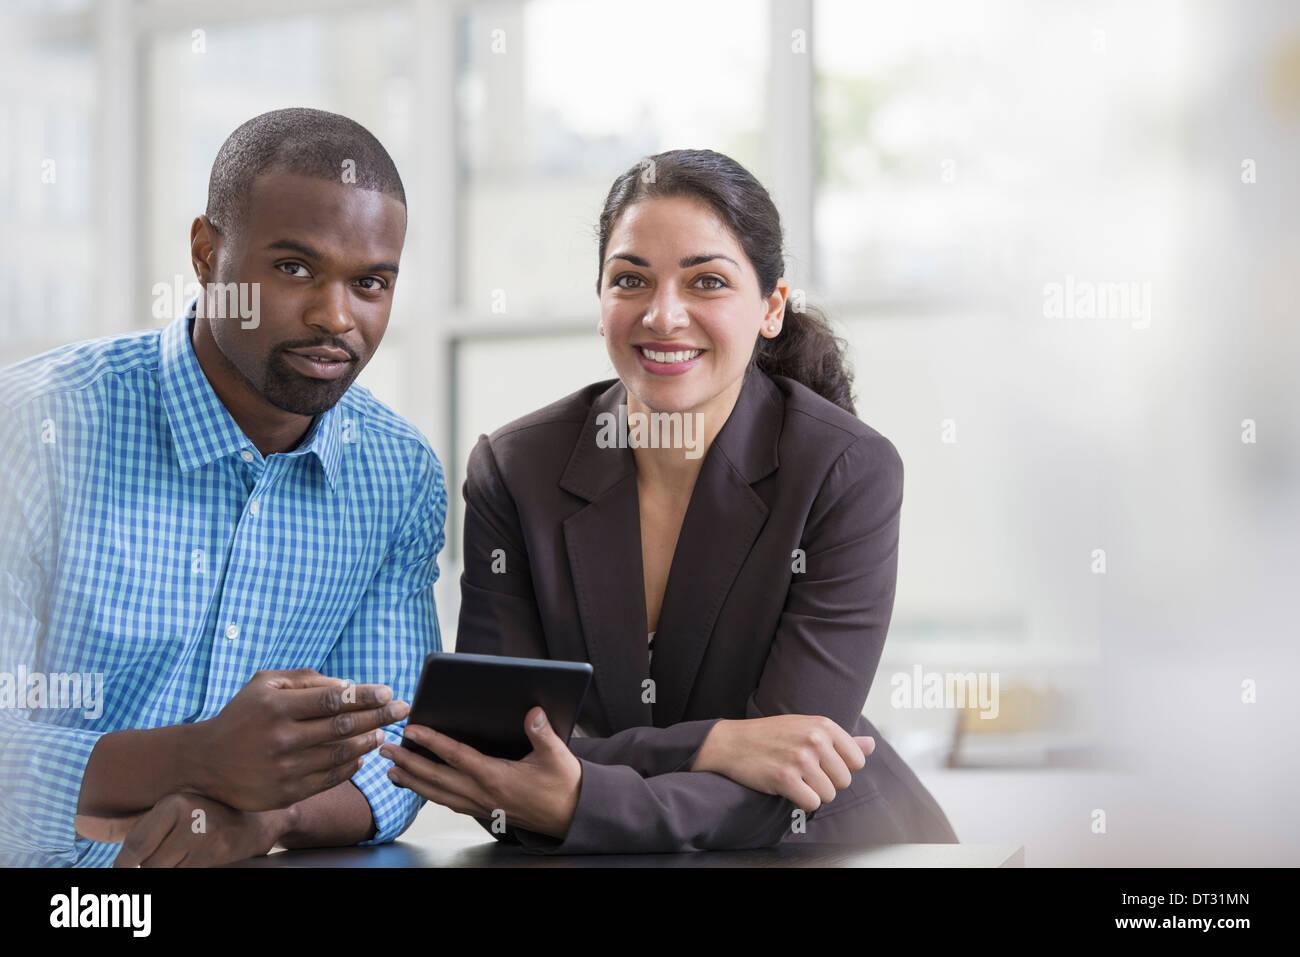 Professionisti in ufficio una luminosa e ariosa e luogo di lavoro due persone sedute a un tavolo utilizzando una tavoletta digitale colleghi di lavoro Immagini Stock